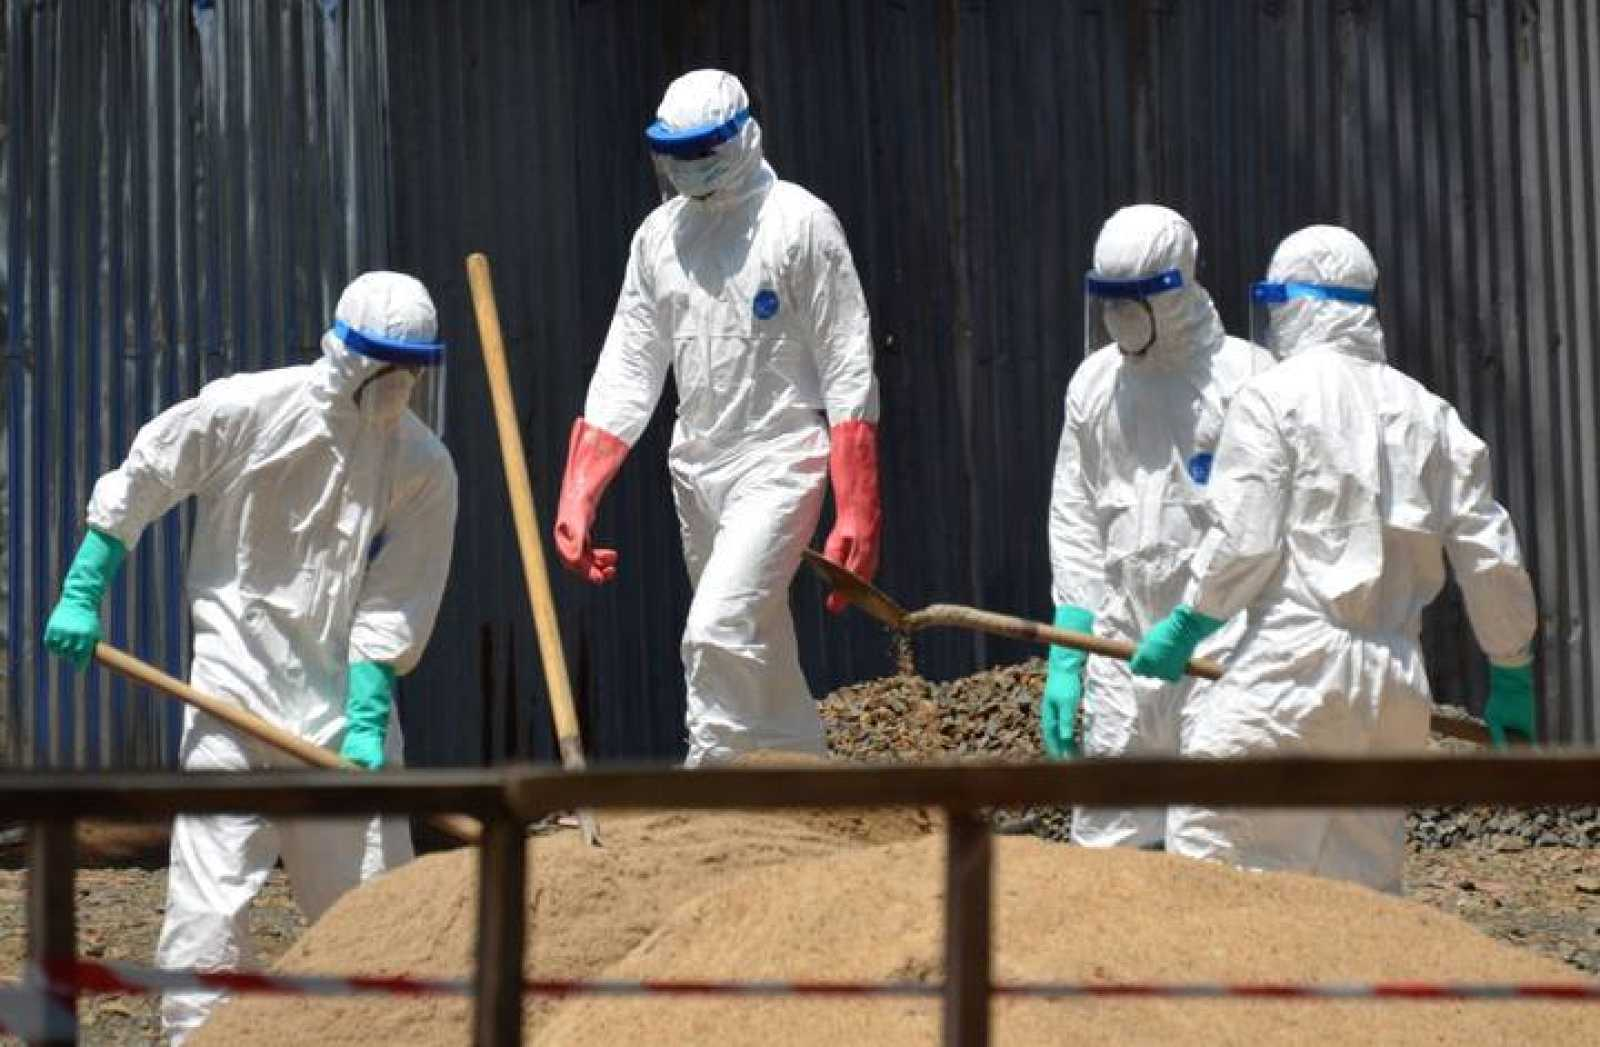 Trabajadores sanitarios recogen arena para absorber los fluidos de pacientes infectados con ébola en Sierra Leona.